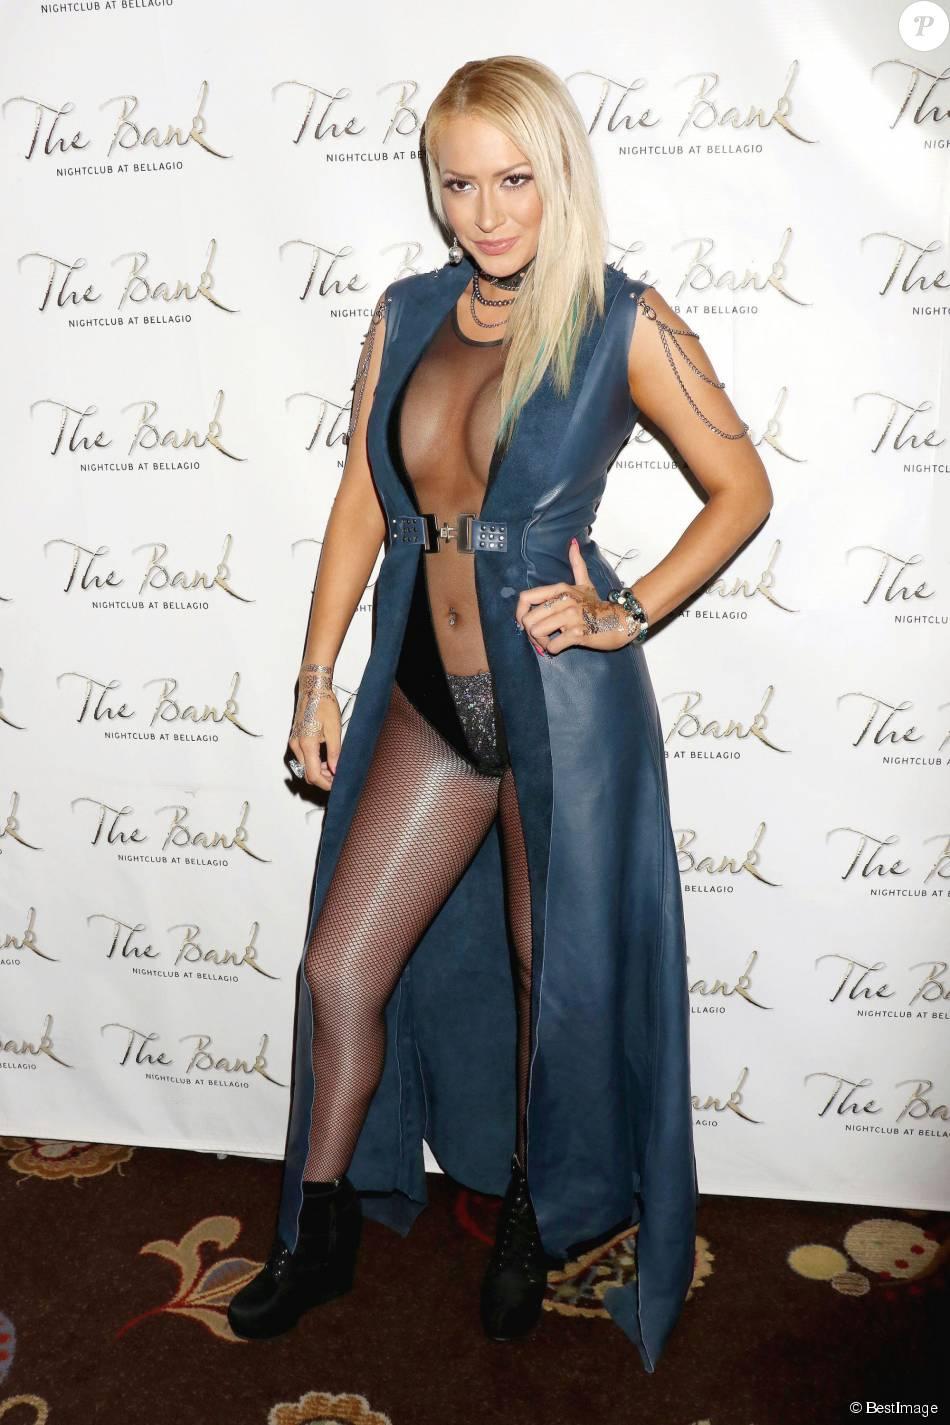 Kaya Jones pose en tenue légère et transparente au Bellagio à Las Vegas le 23 octobre 2015 avant son showcase au club The Bank pour la promotion de son album The Chrystal Neria Album.